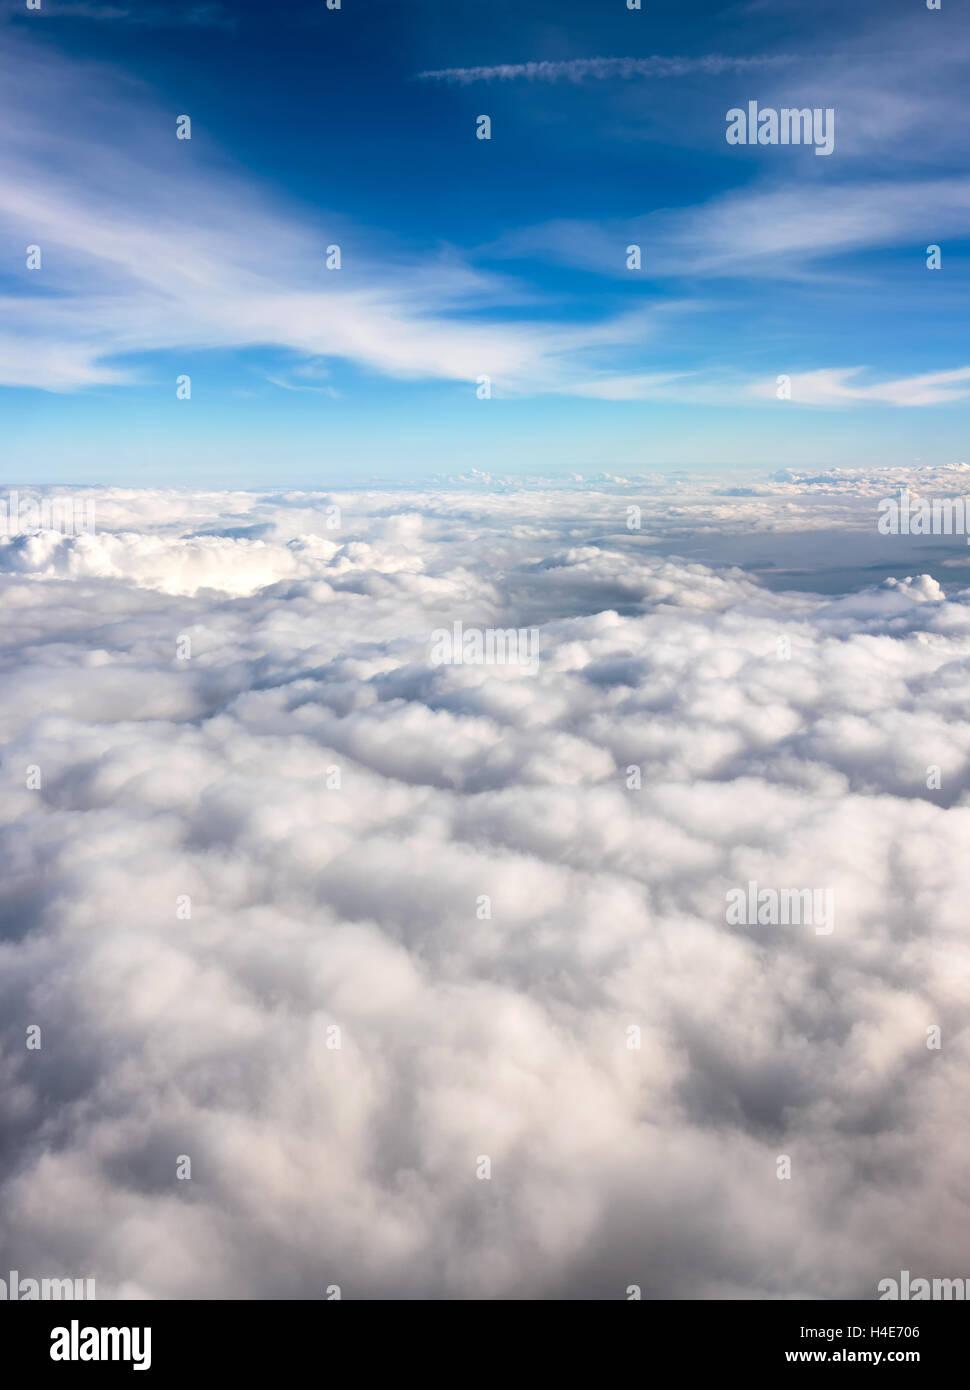 Fliegen hoch über einer Schicht aus dichten weißen flauschigen Wolken in klaren, blauen Himmel und Sonnenschein Stockbild